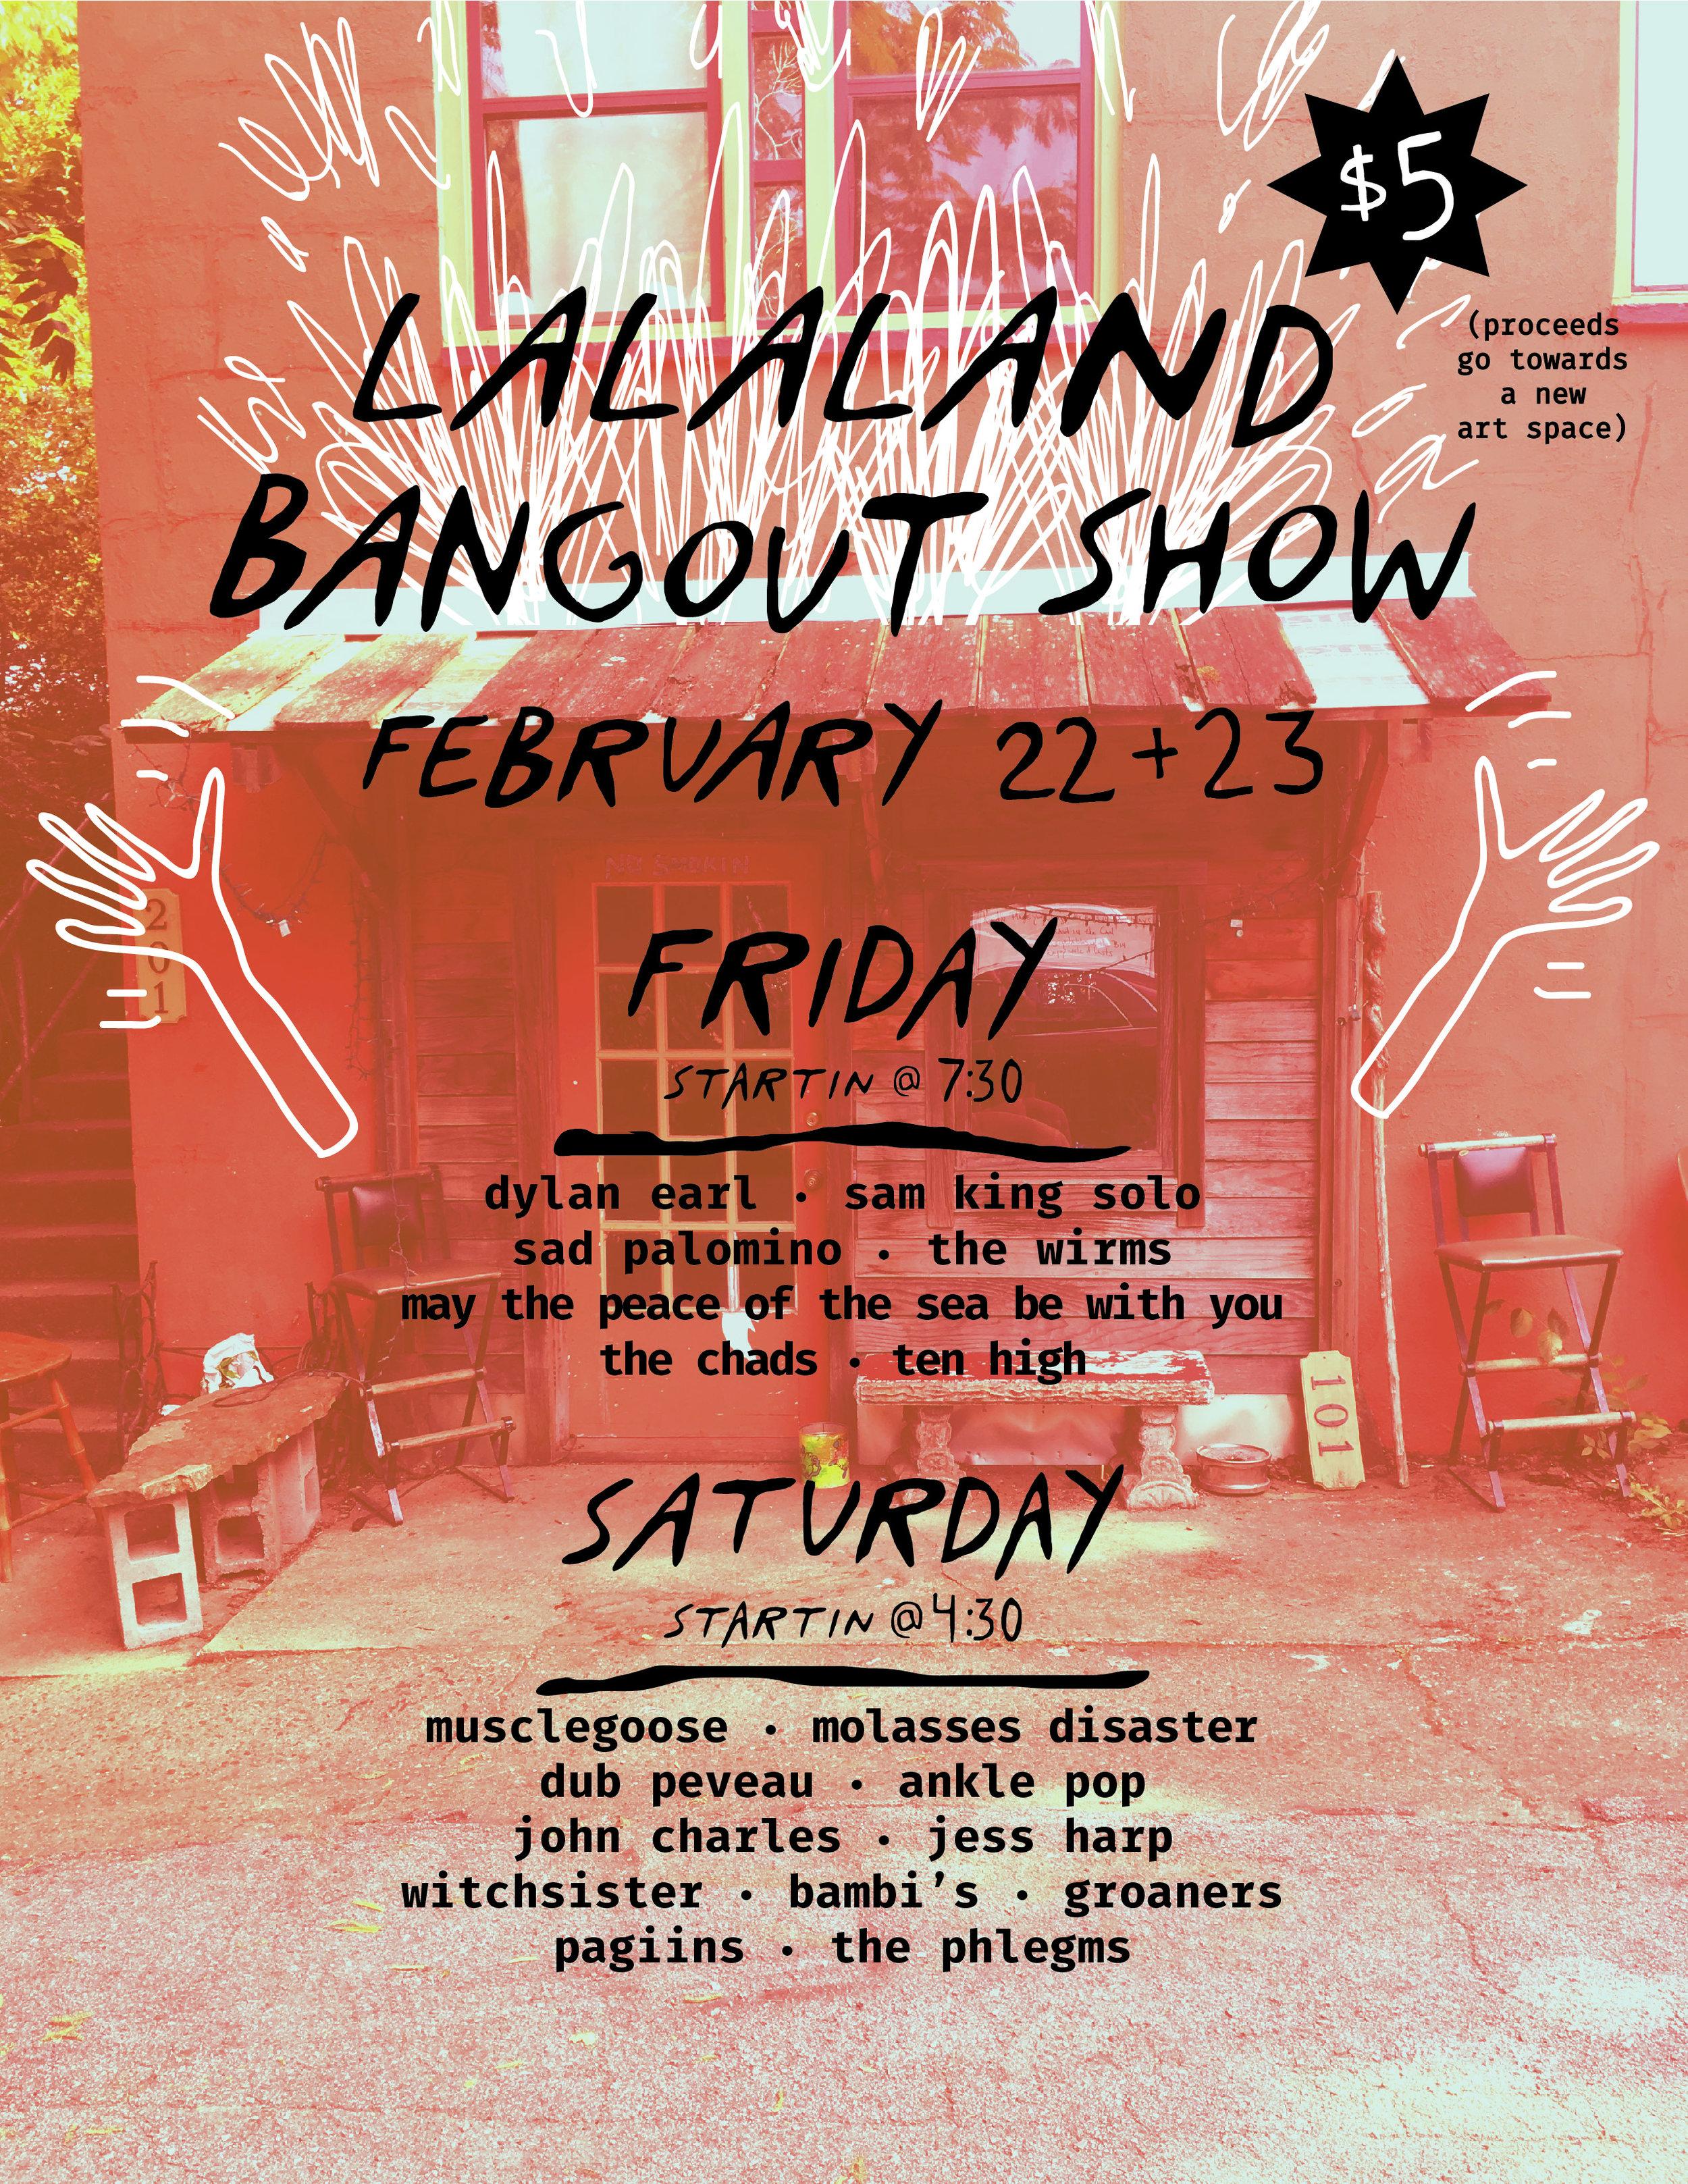 lalaland bangout show